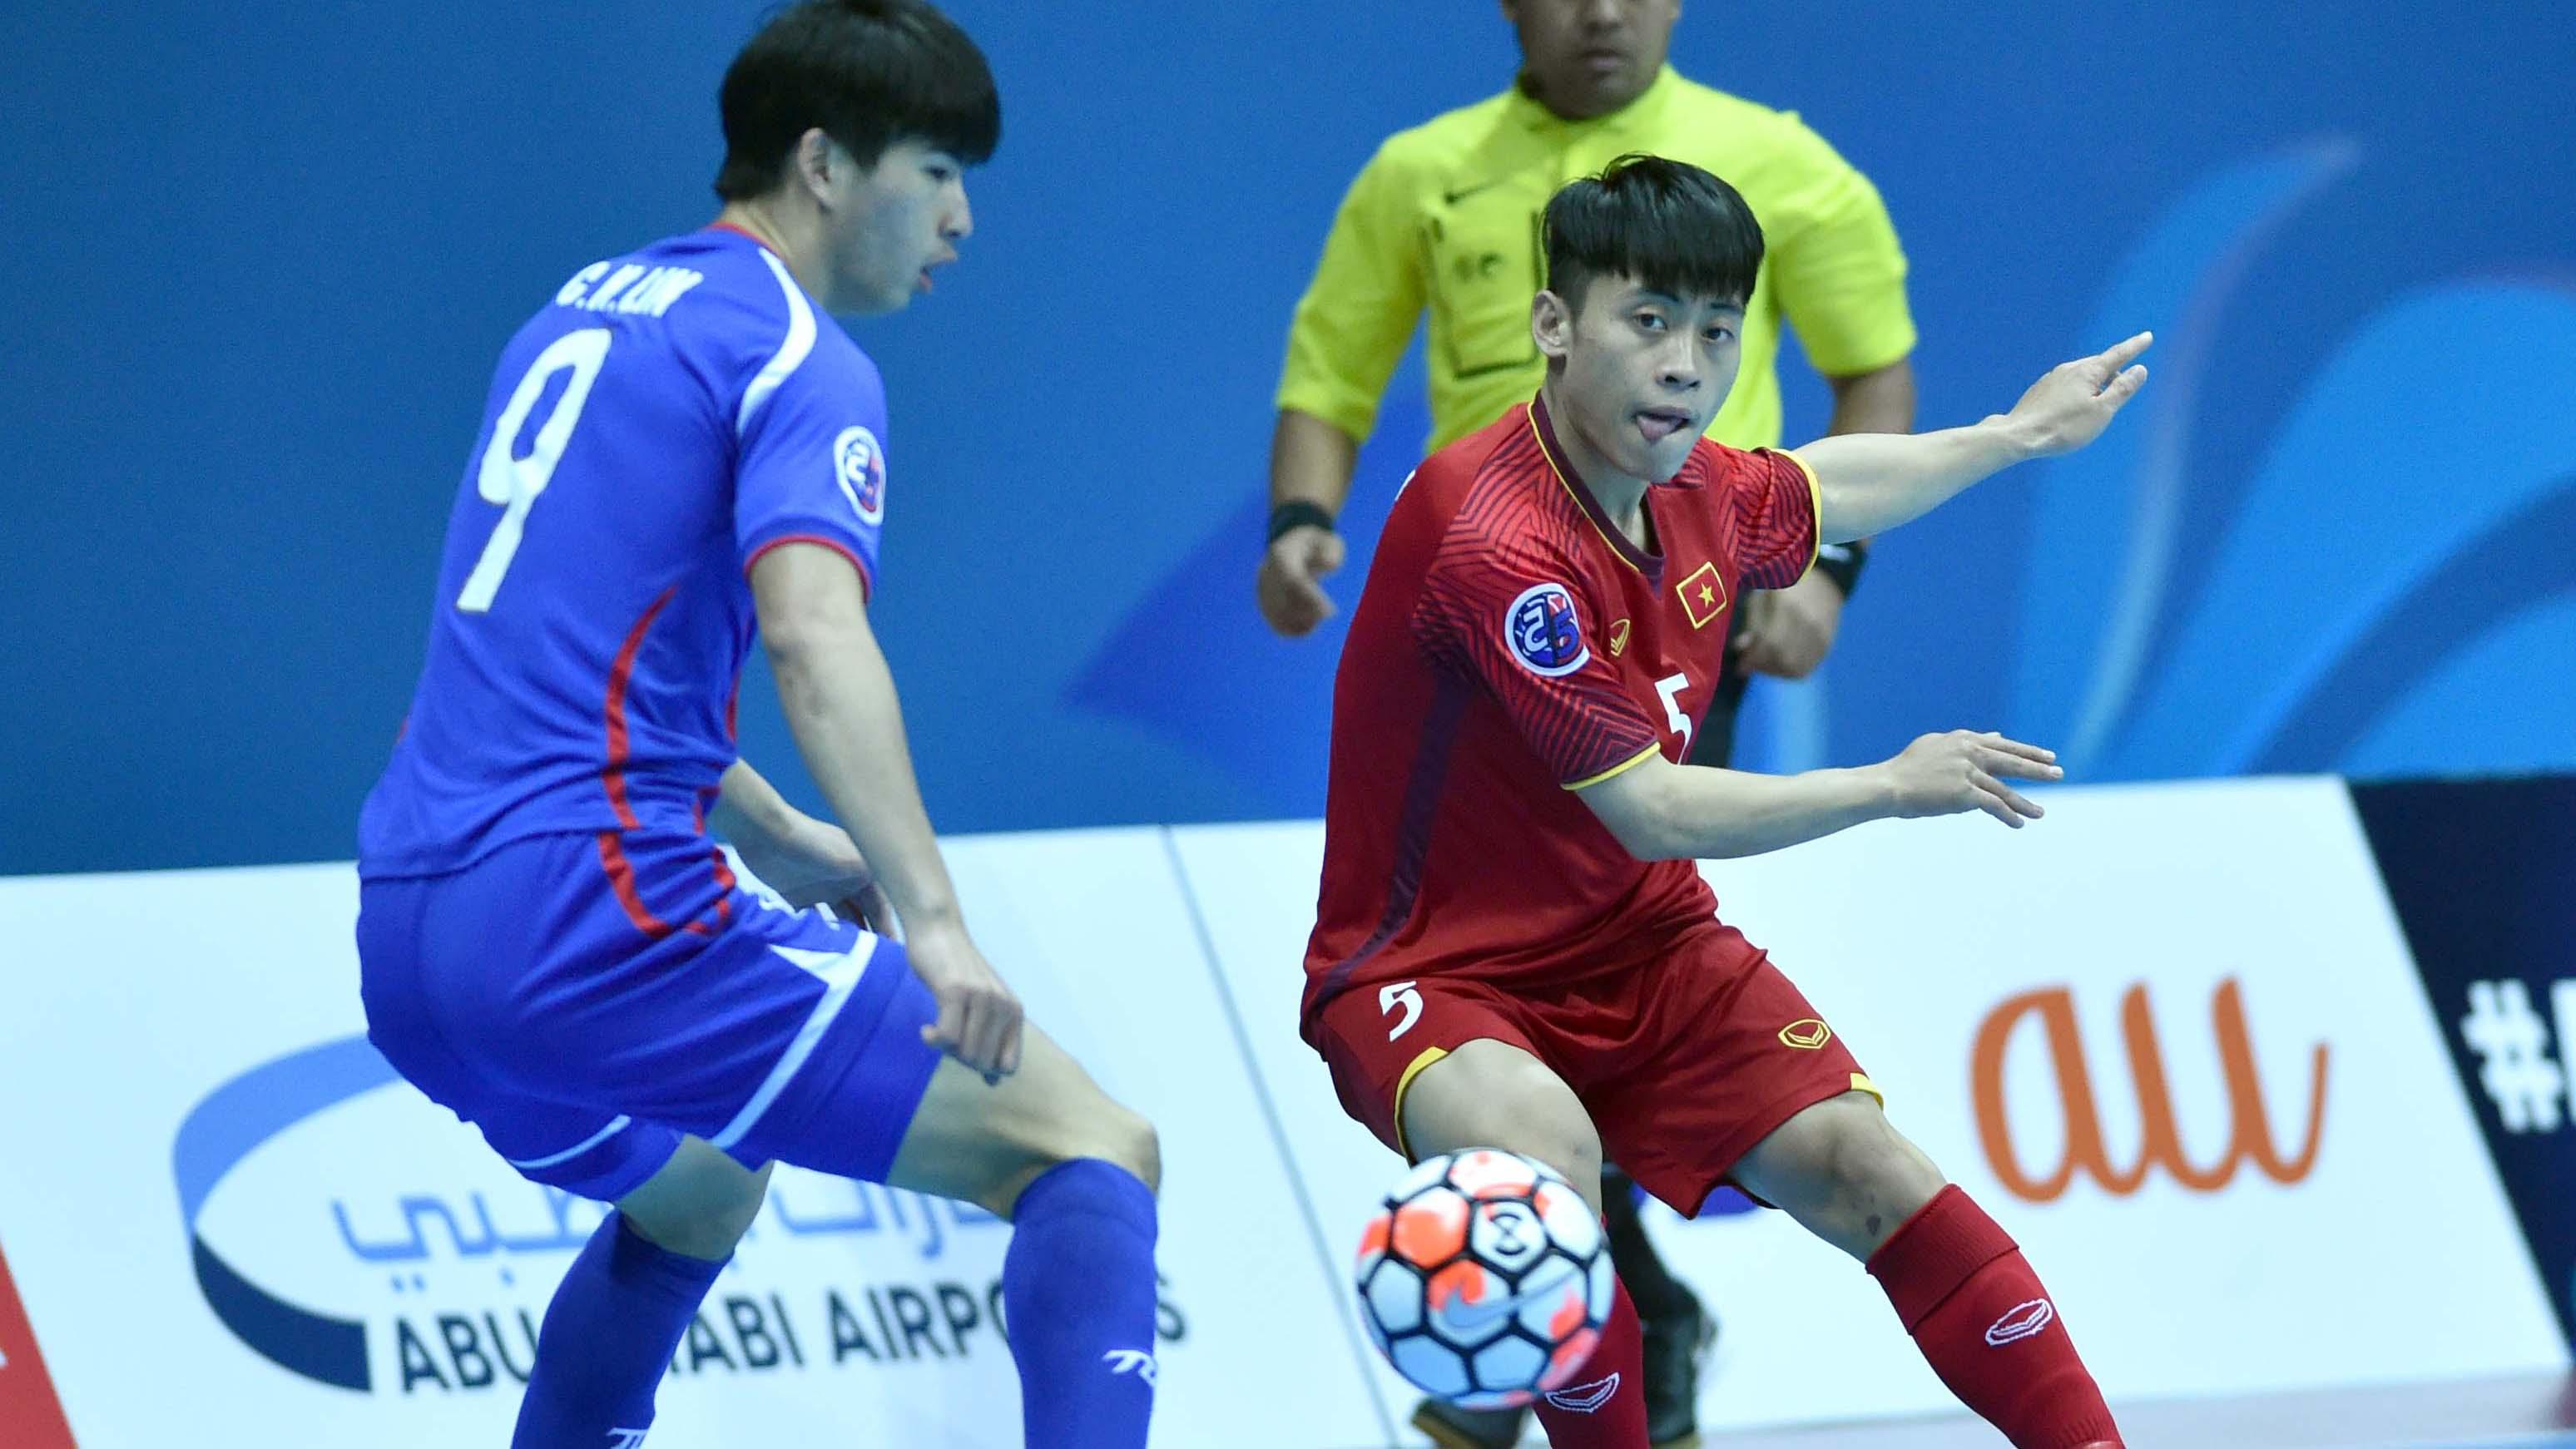 Đội tuyển futsal Việt Nam vào tứ kết giải futsal châu Á gặp Uzbekistan